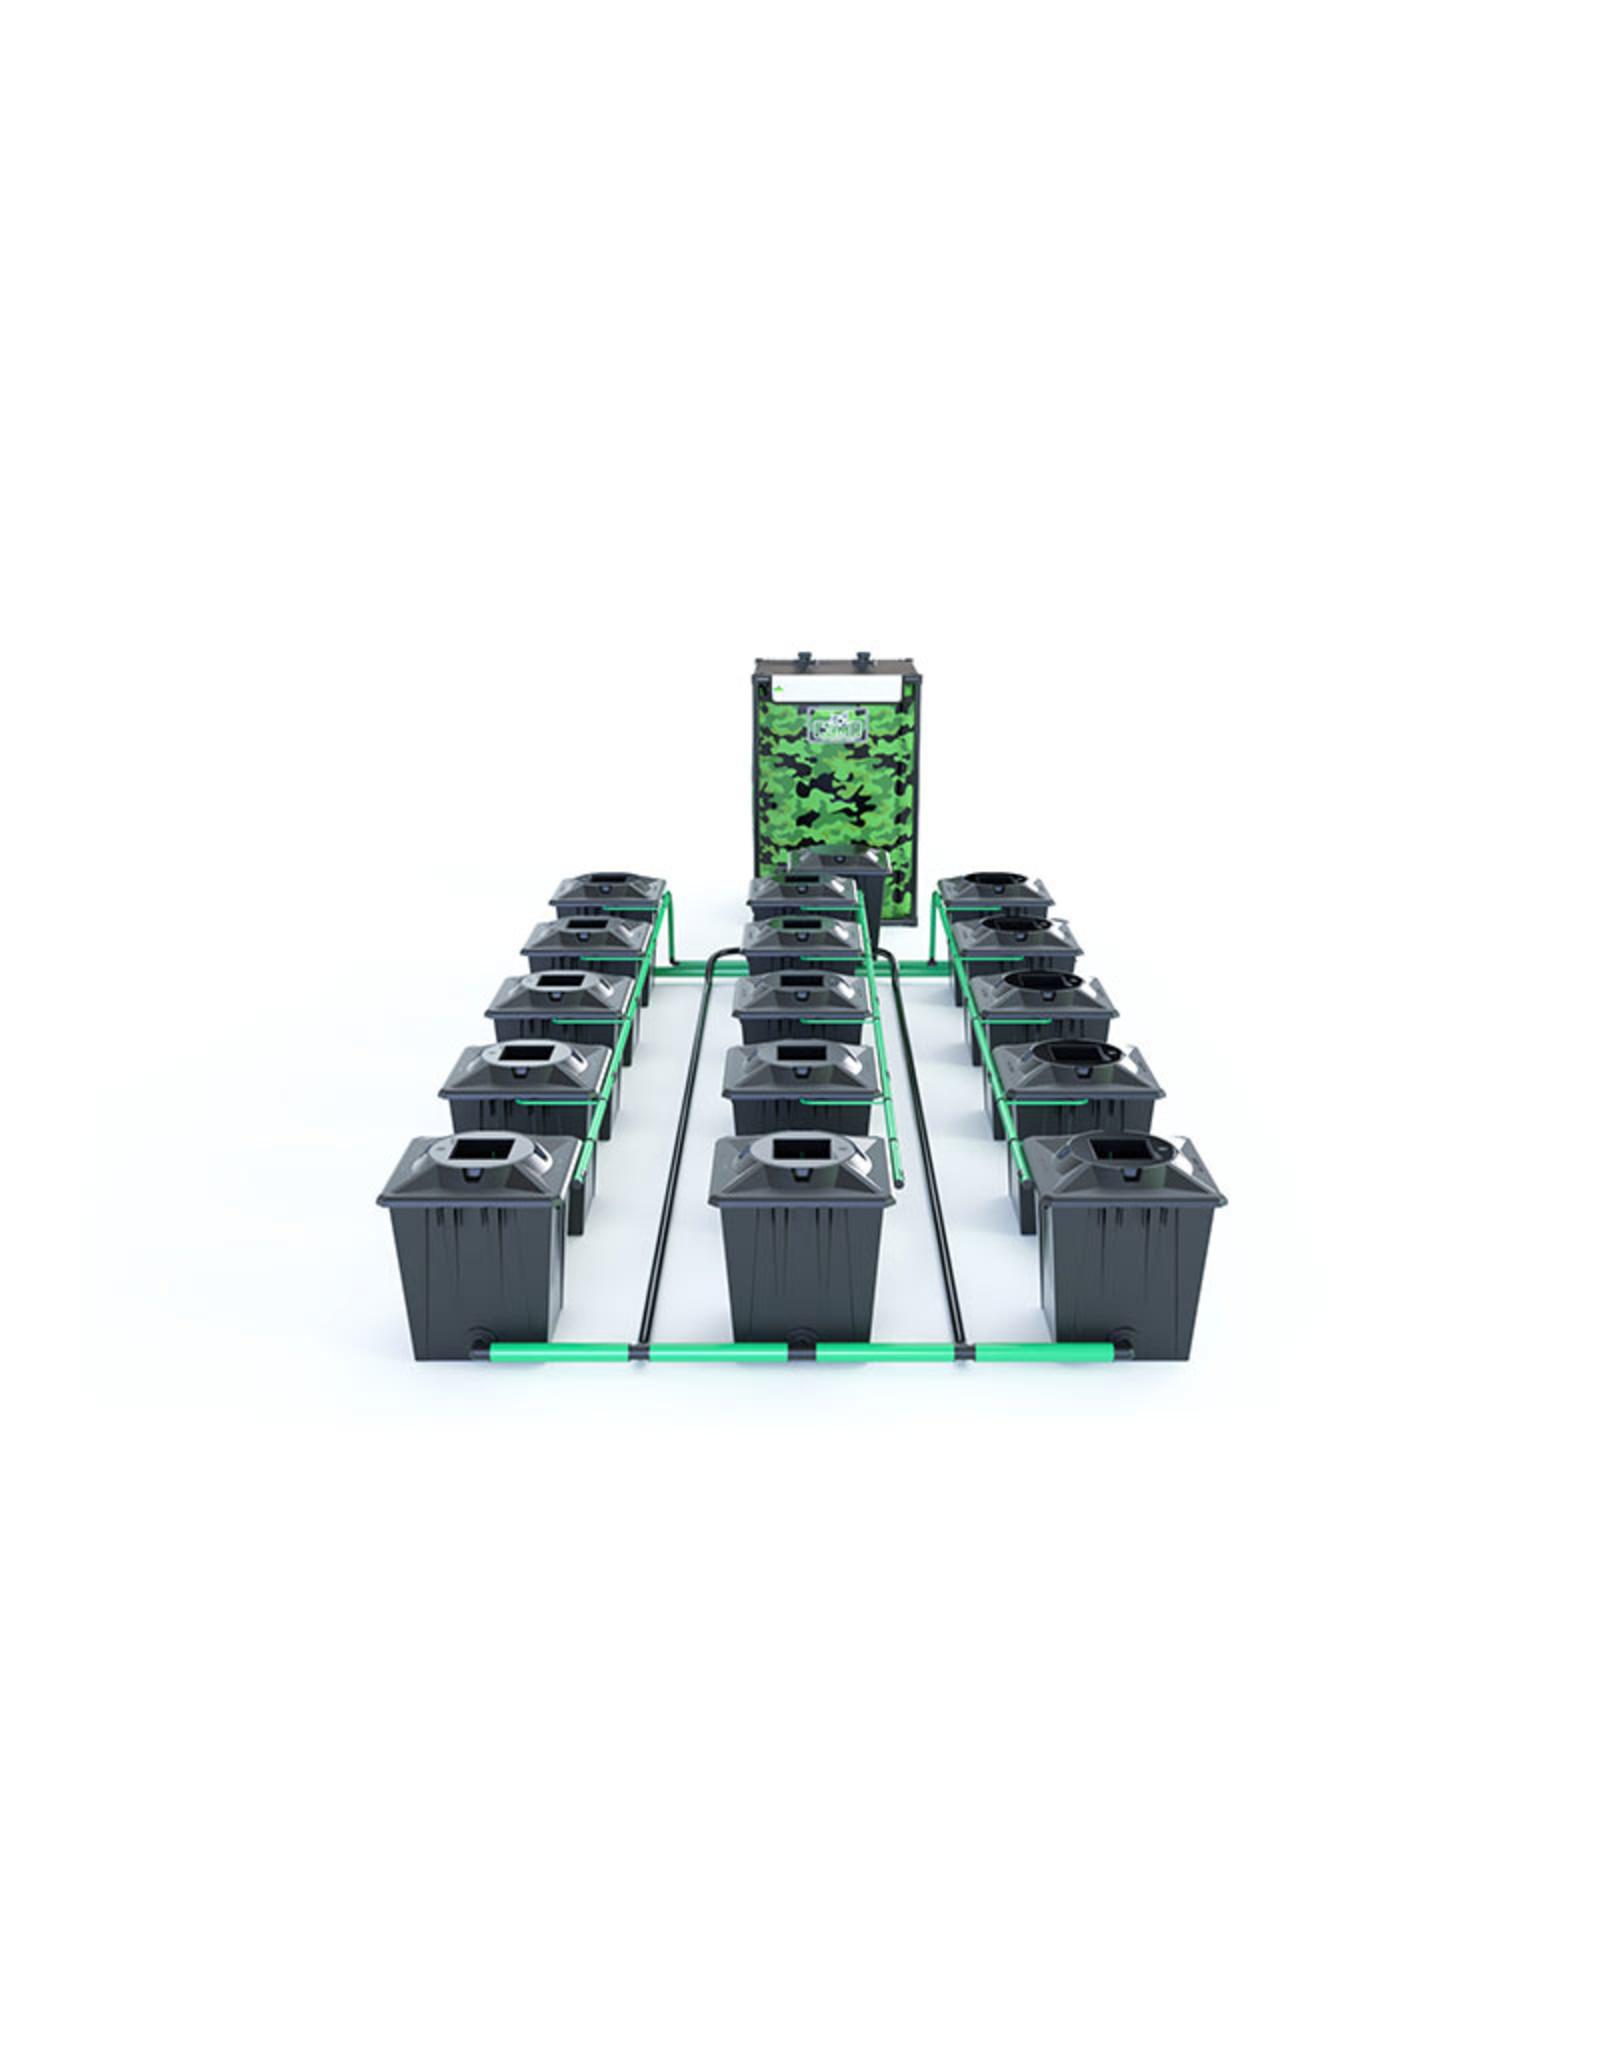 ALIEN HYDROPONICS RDWC BLACK SERIES 20L  15 POT SYSTEM